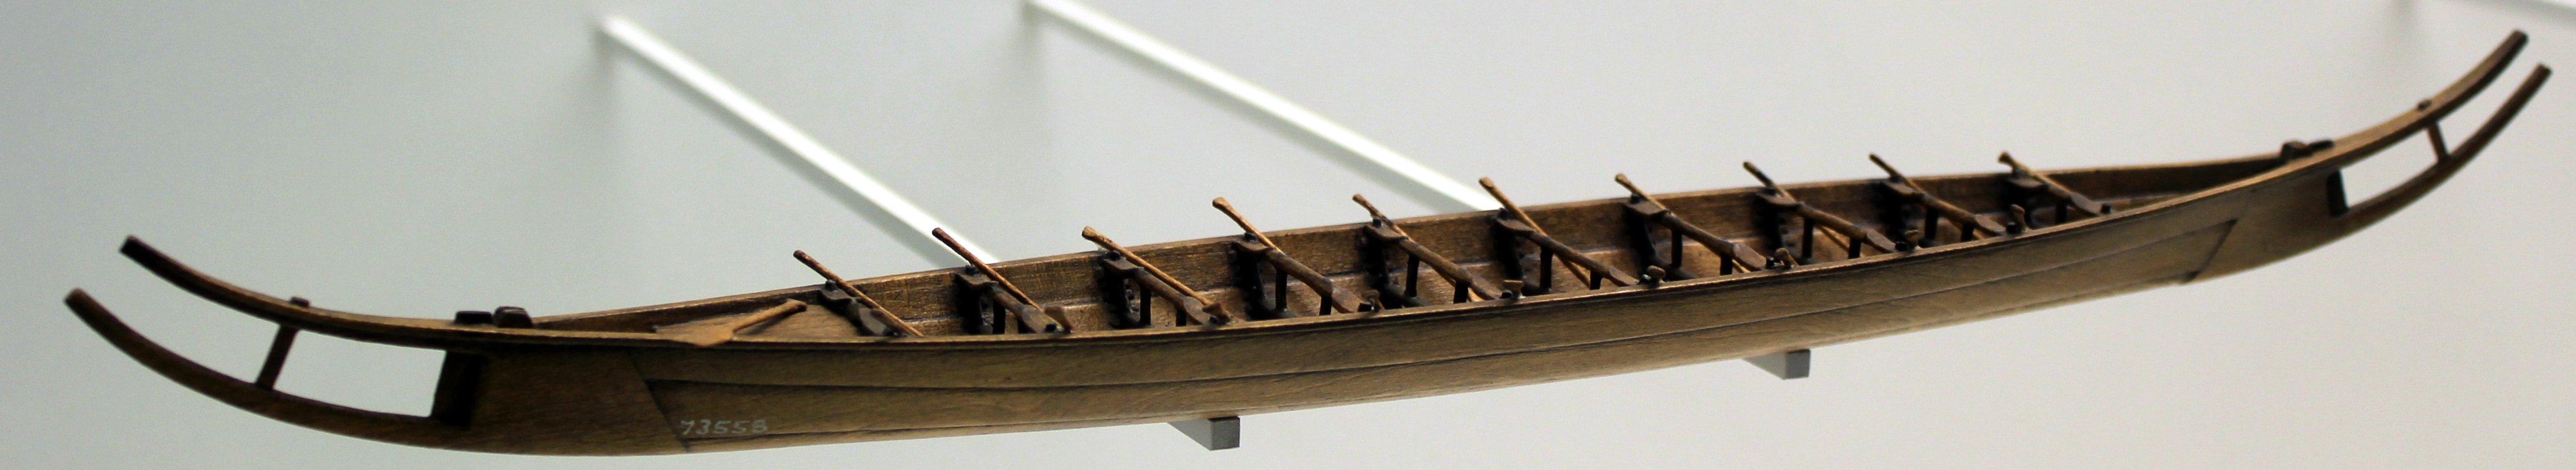 Hjortspring-Boot, eisenzeitliches Plankenboot, 350 v. Chr. von der  dänischen Insel Als (dt.: Alsen)